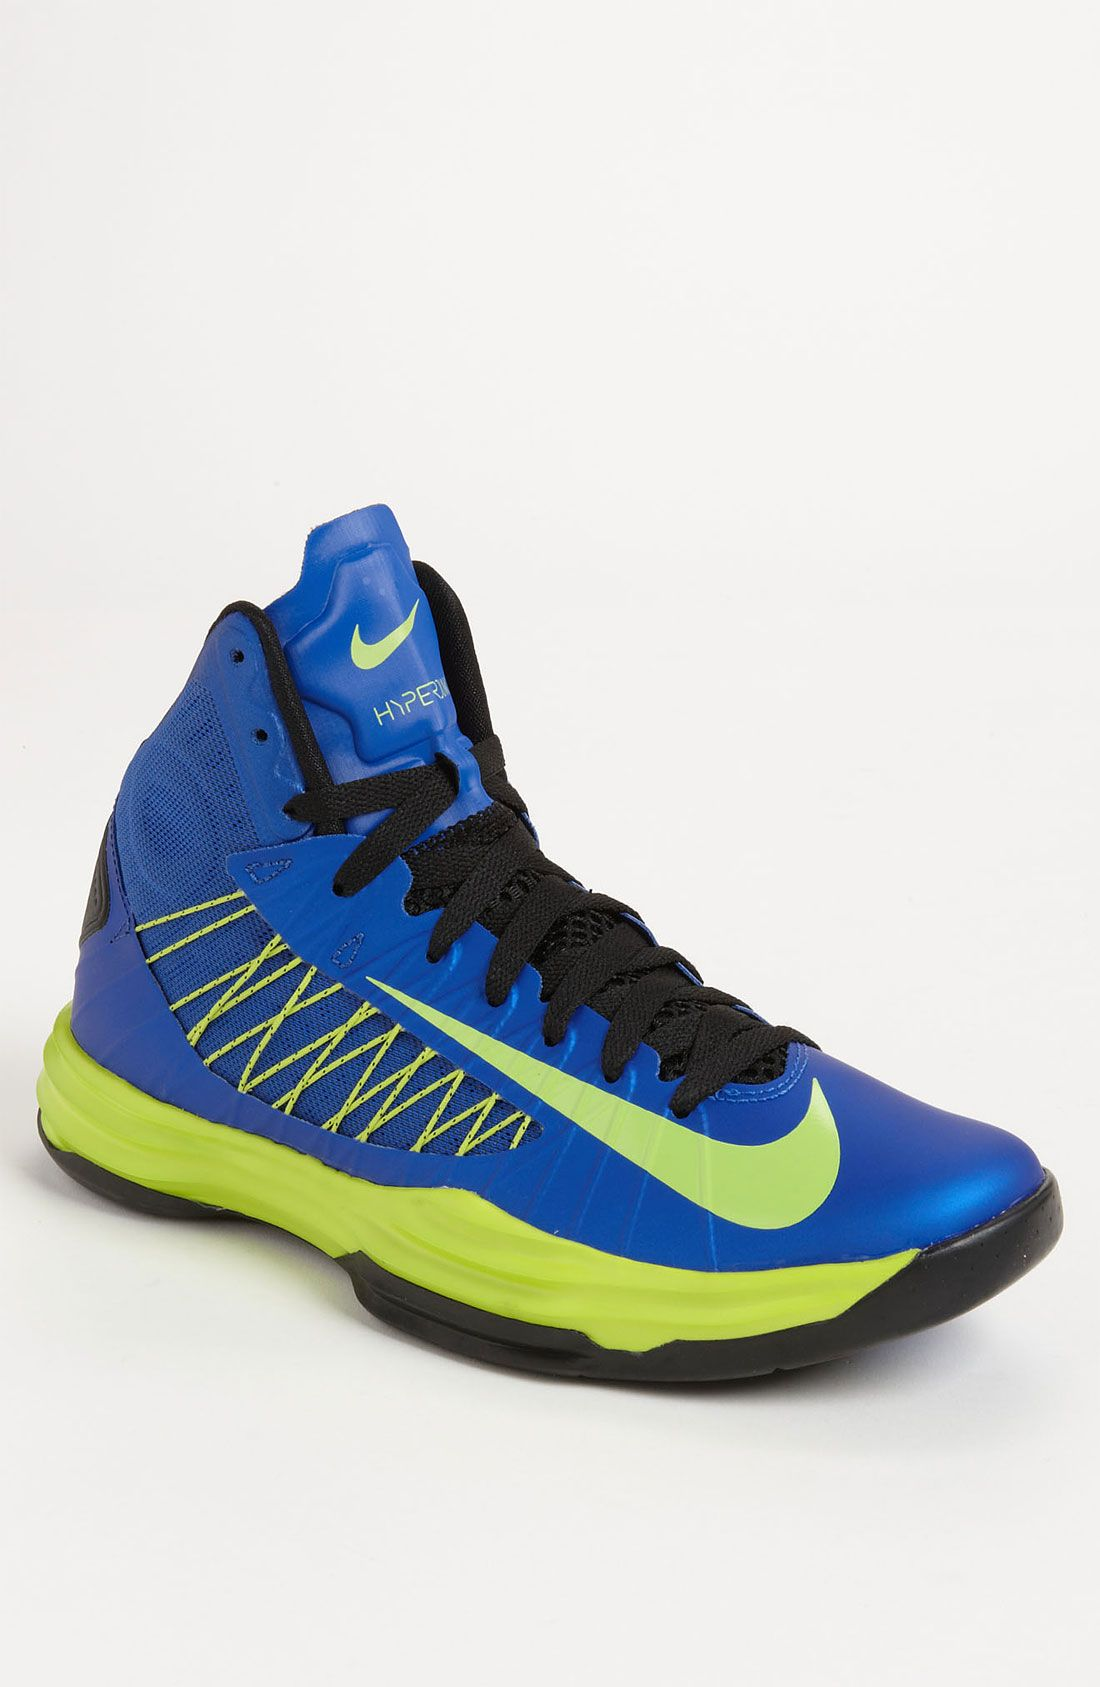 fce9204575aa Nike+Basketball+Shoes